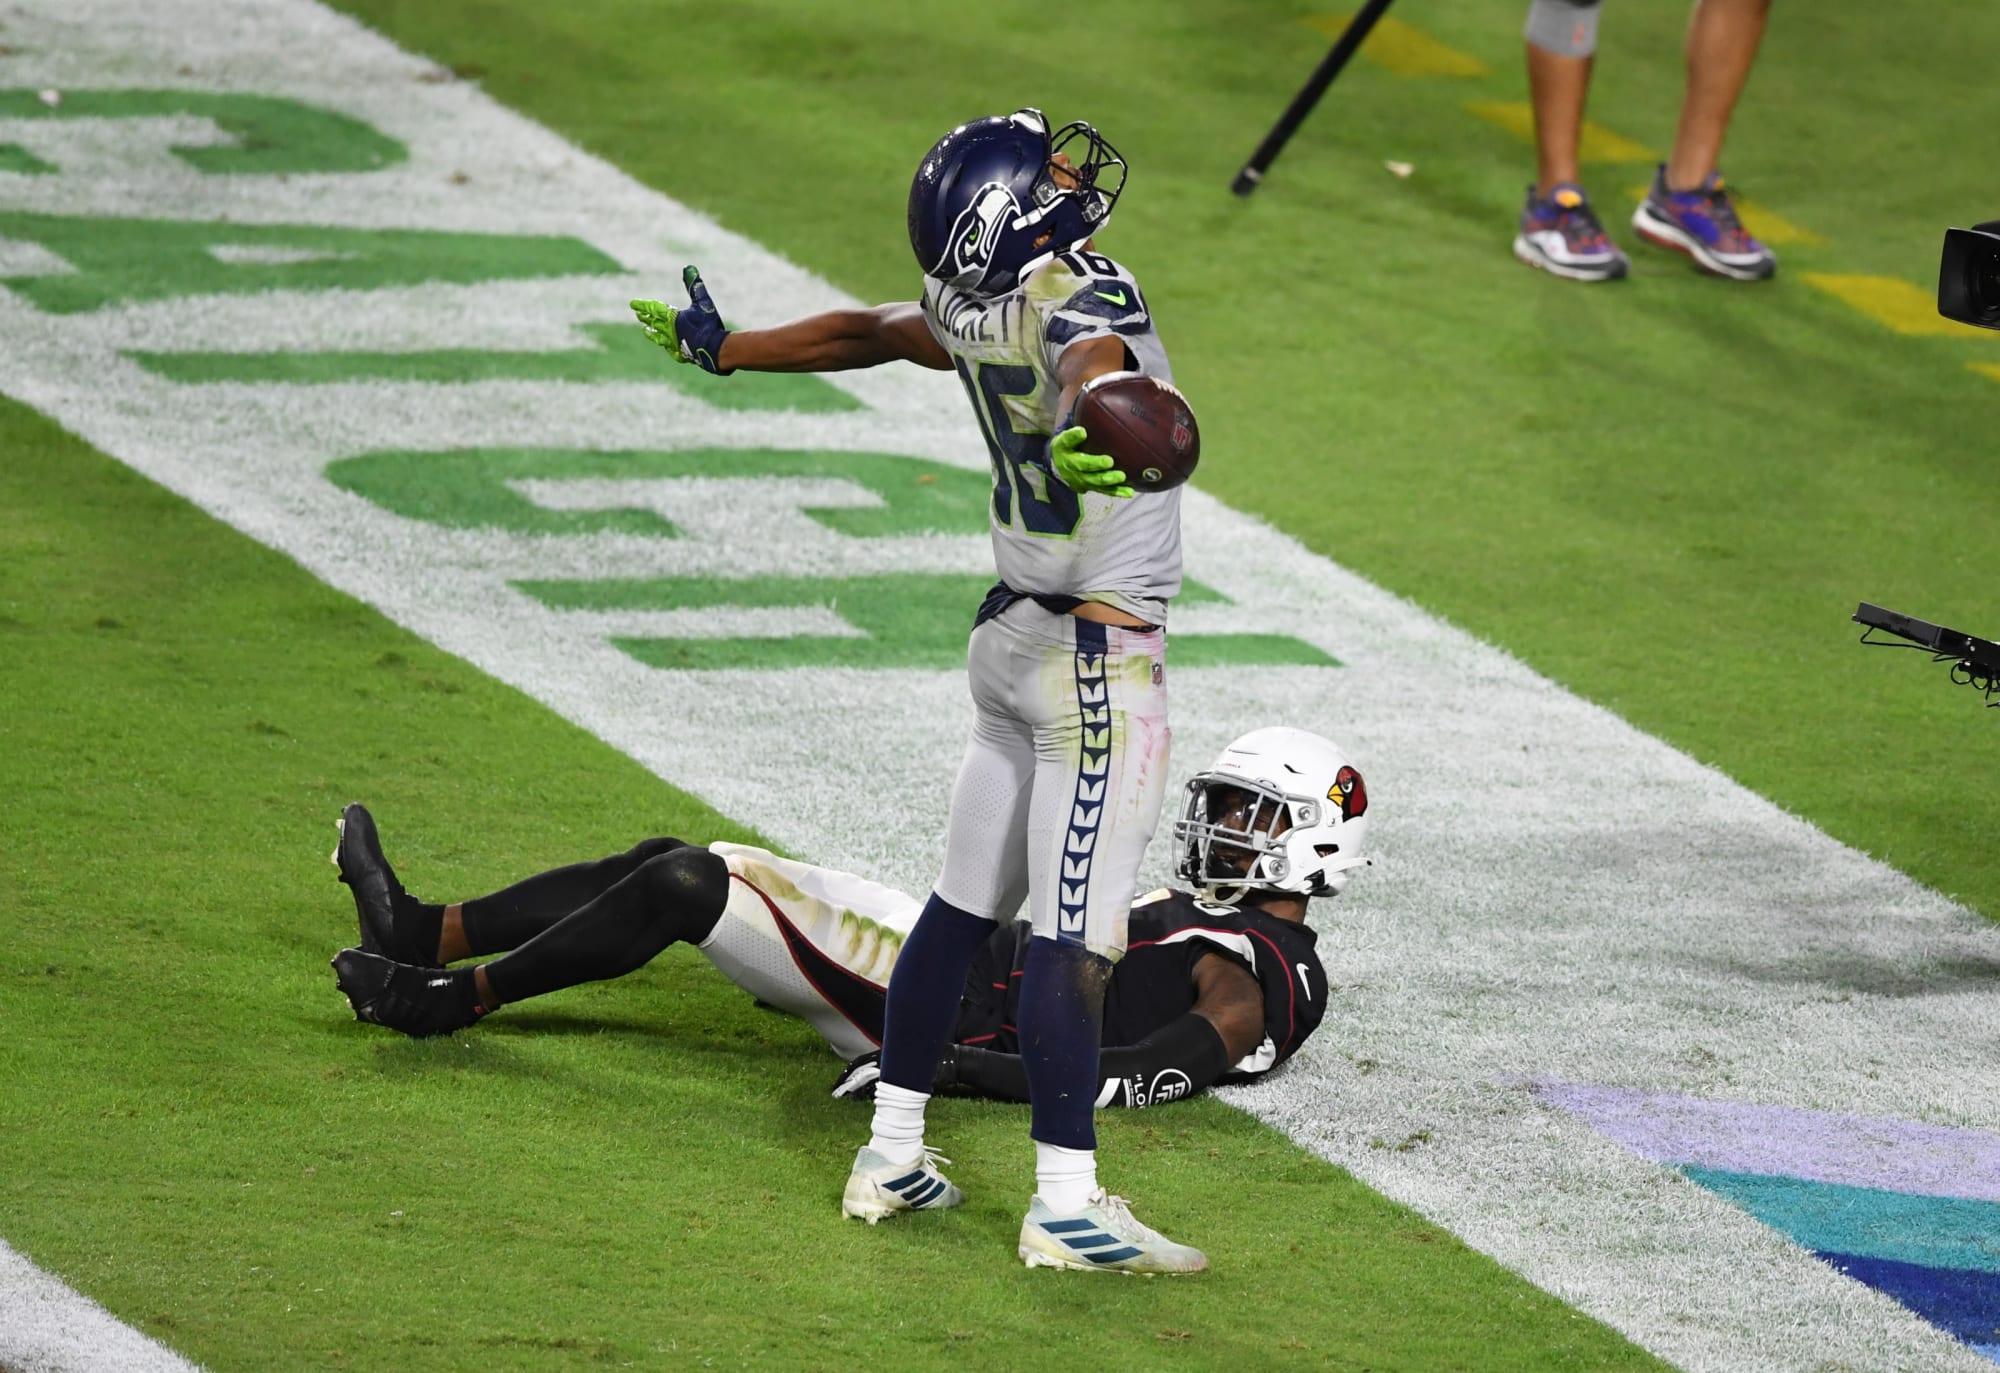 NFL Week 8 Fantasy Wide Receivers: Start Lockett, Diggs; Sit Smith